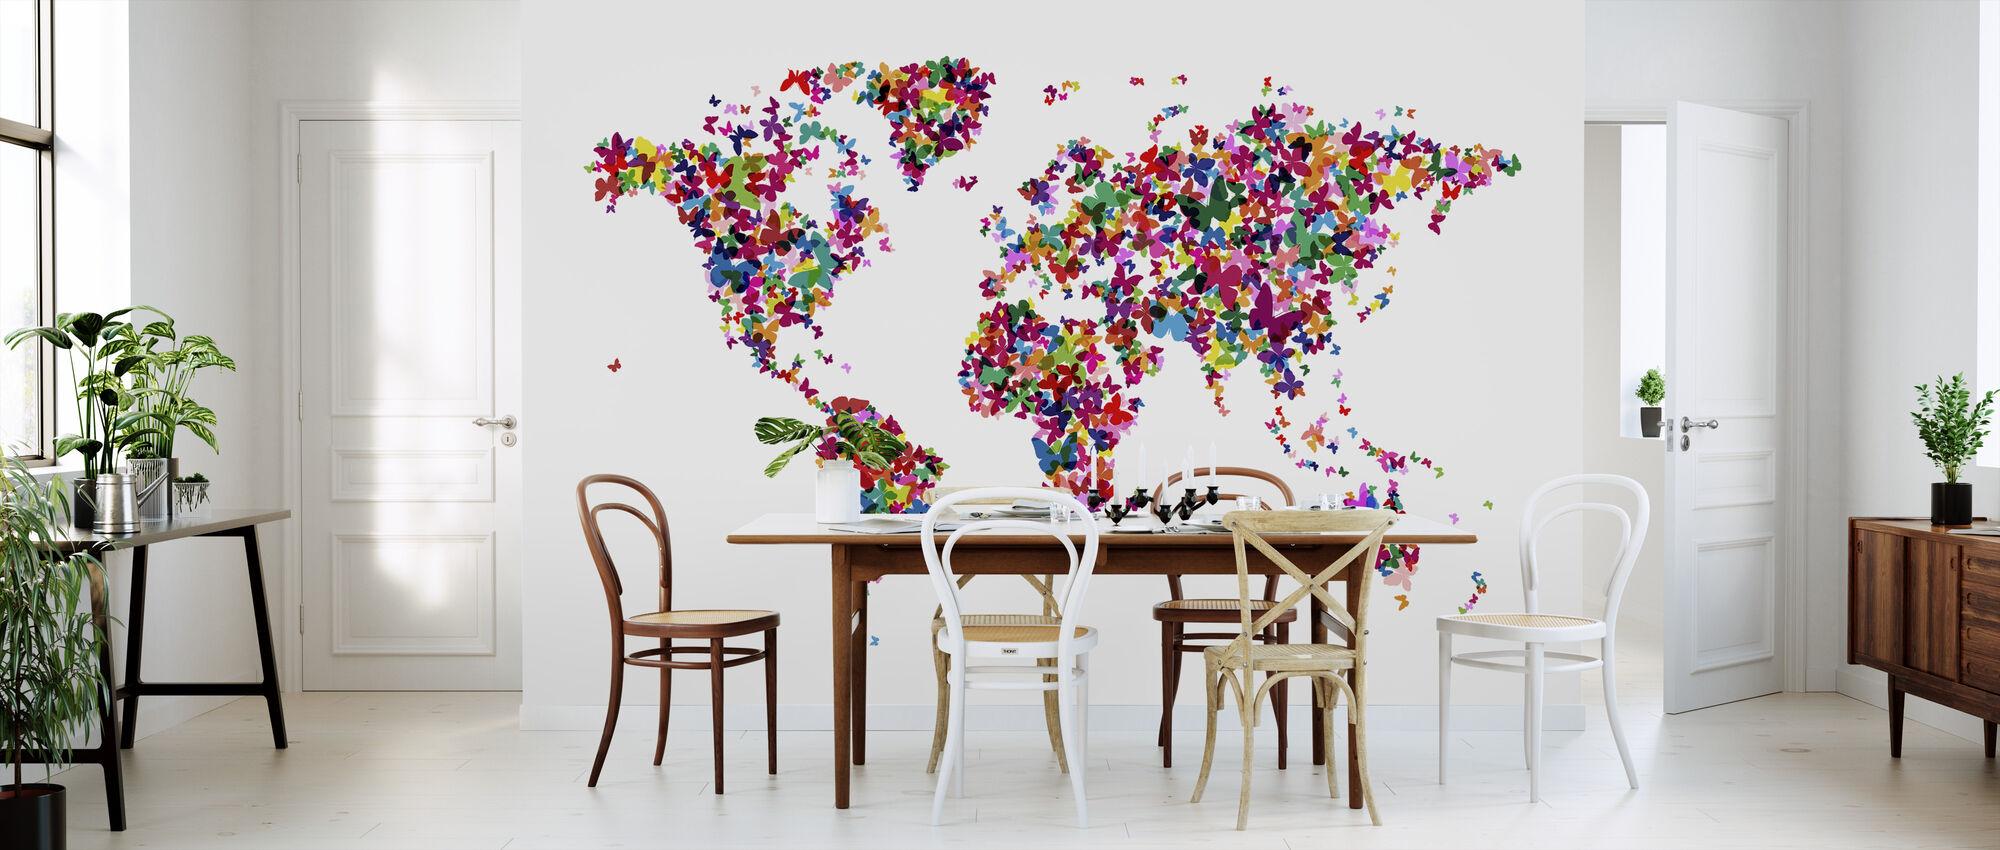 Butterflies World Map Multicolor - Wallpaper - Kitchen